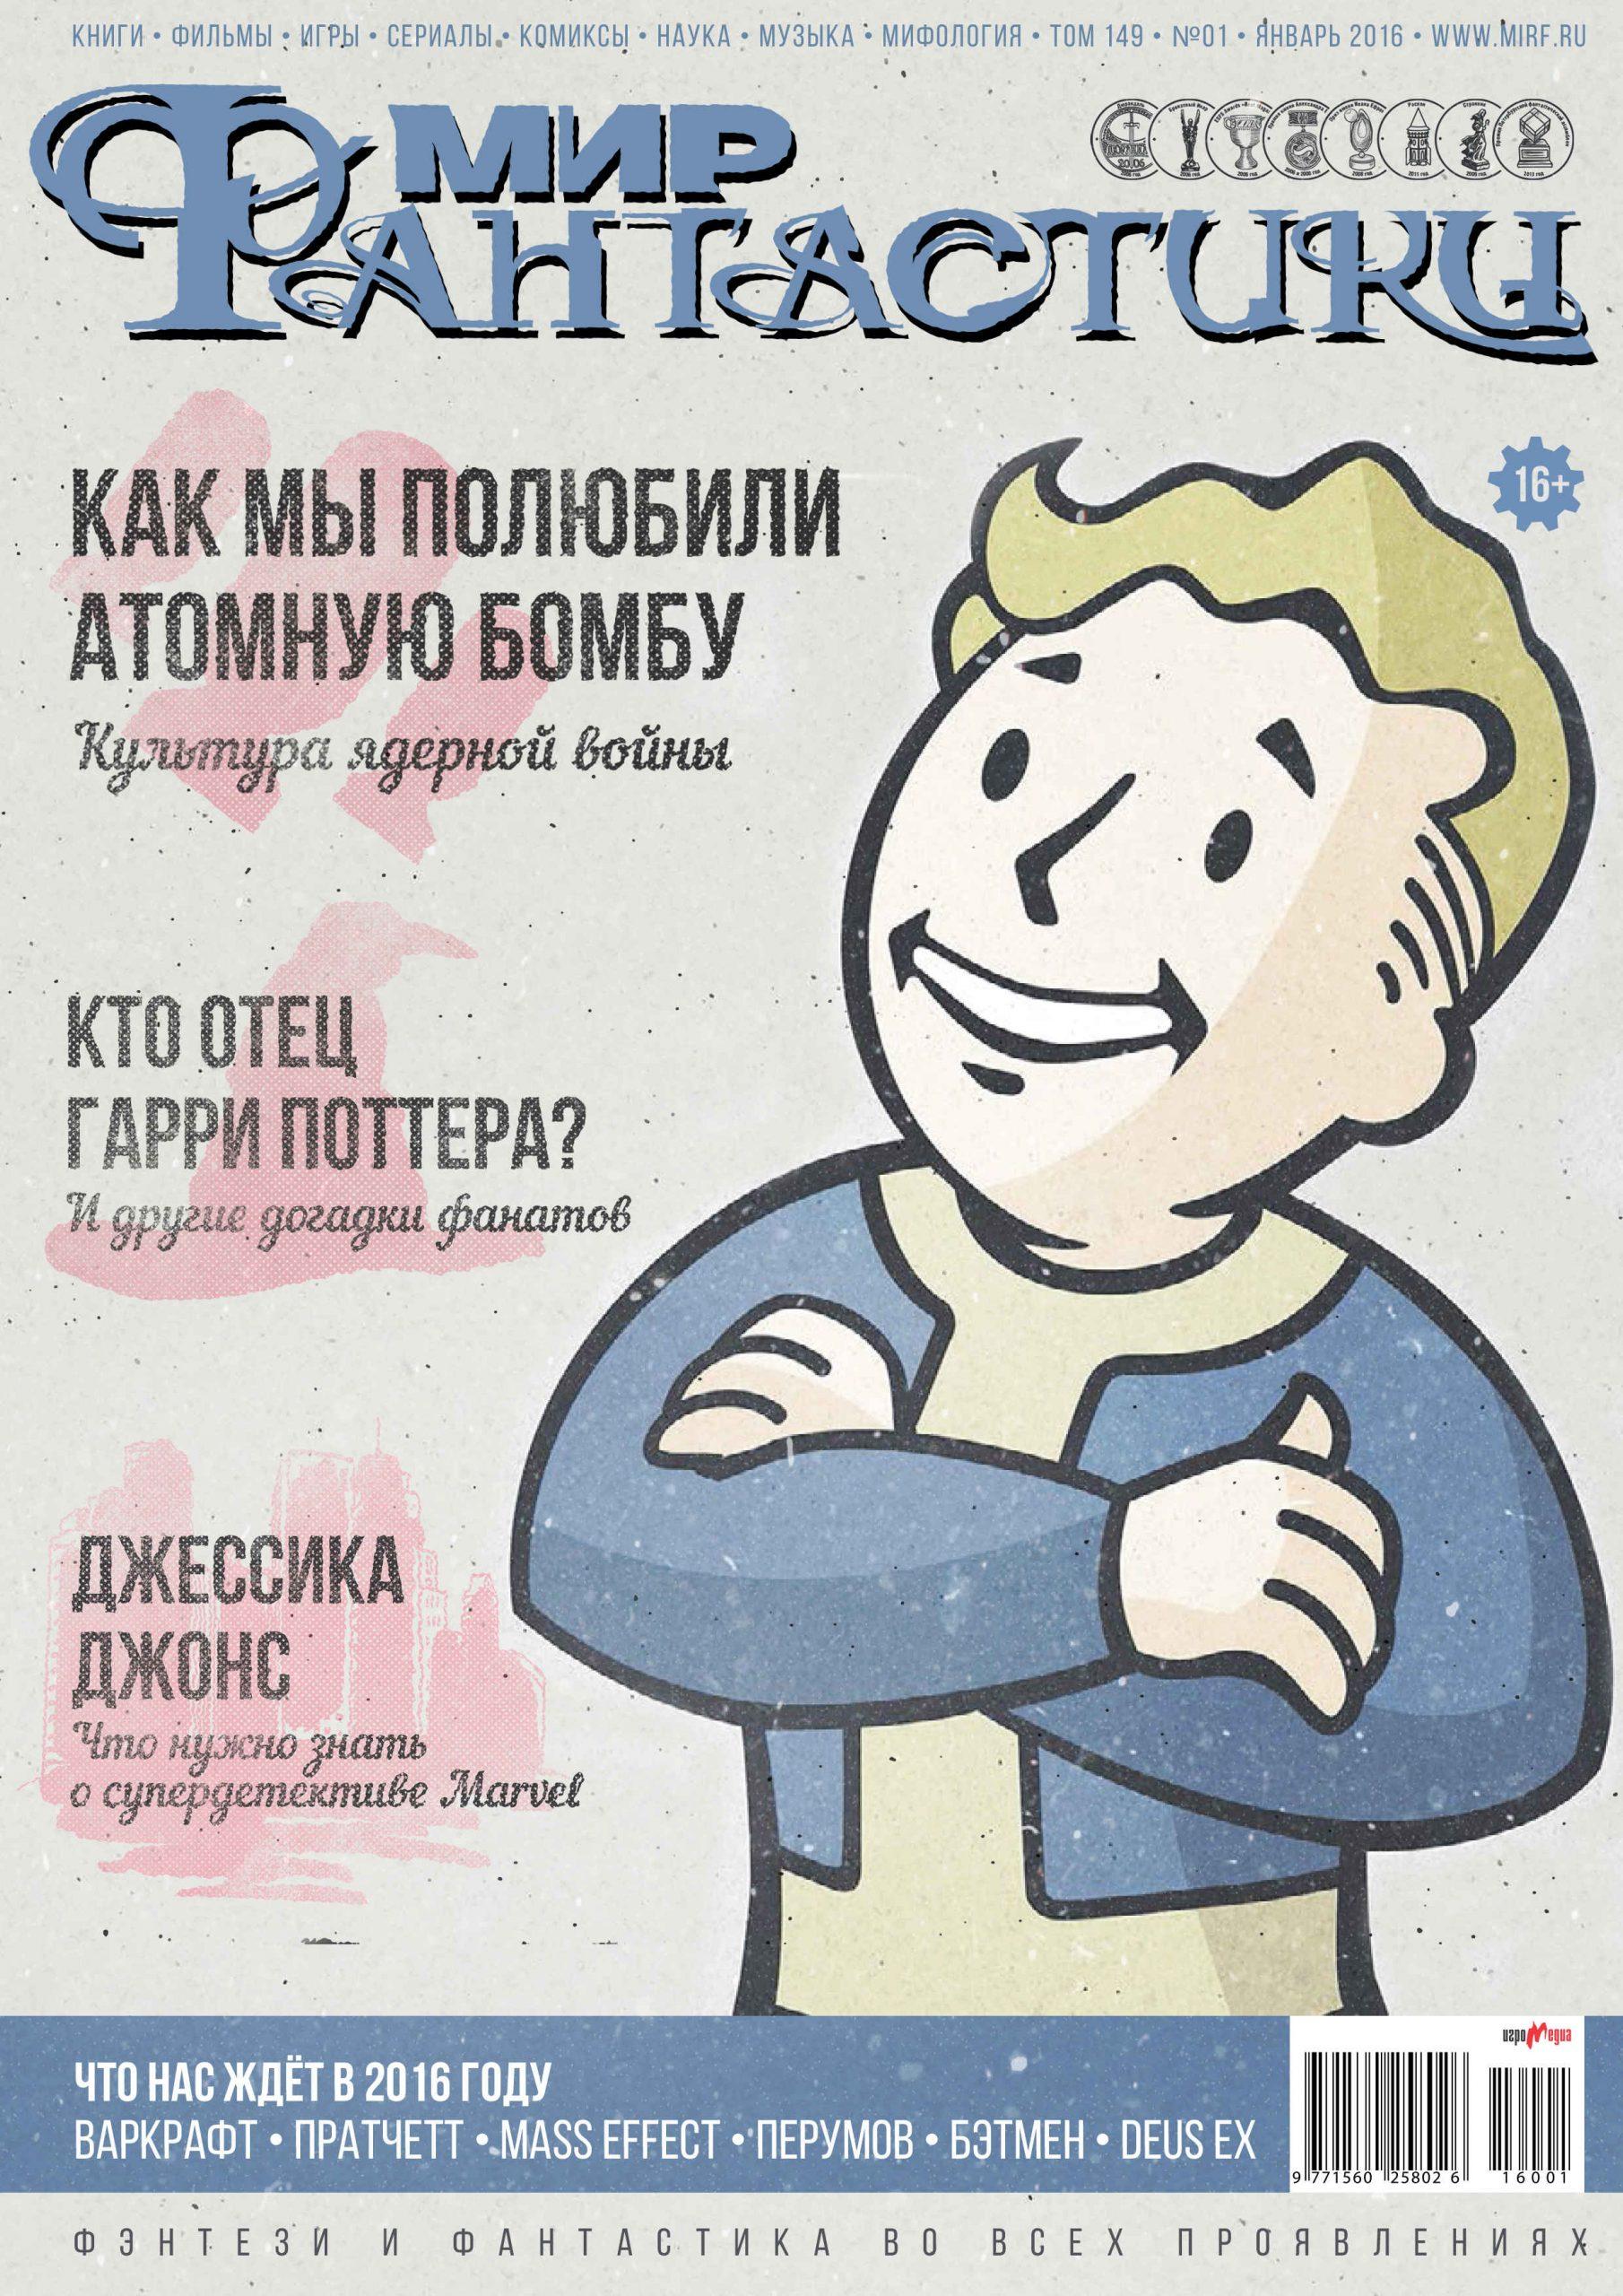 Мир фантастики 149. Январь 2016